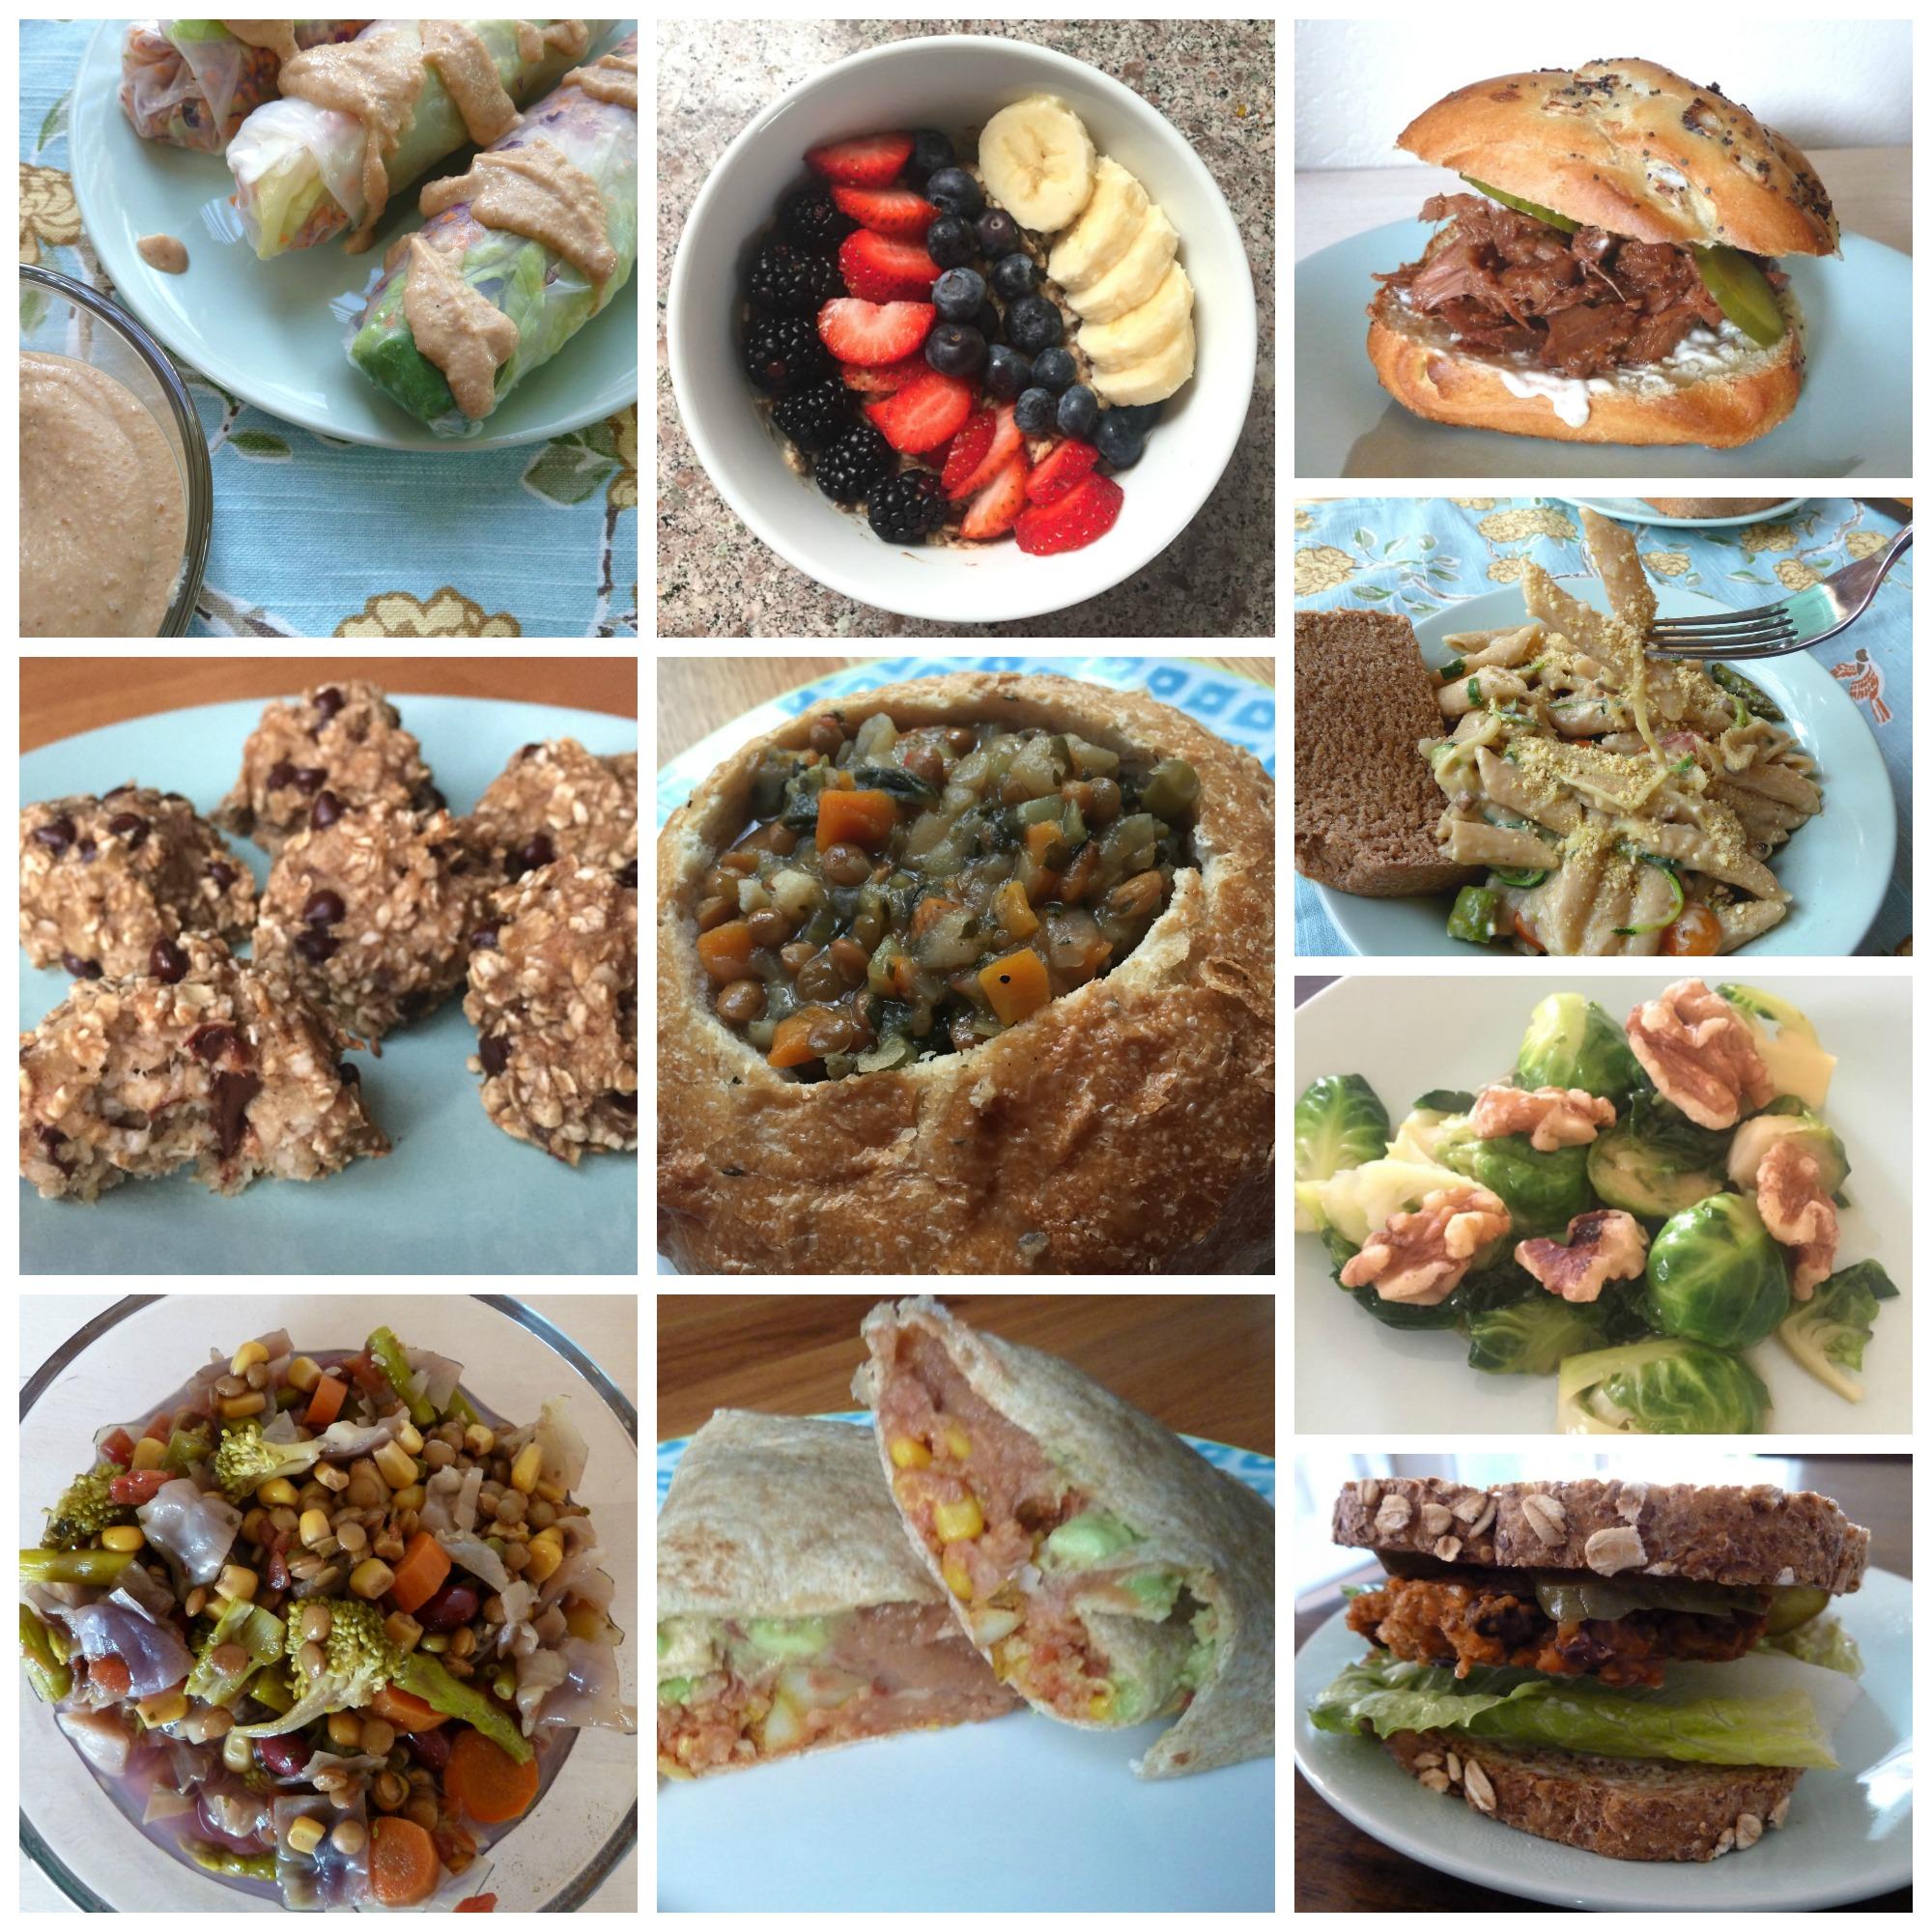 Vegan Food Collage